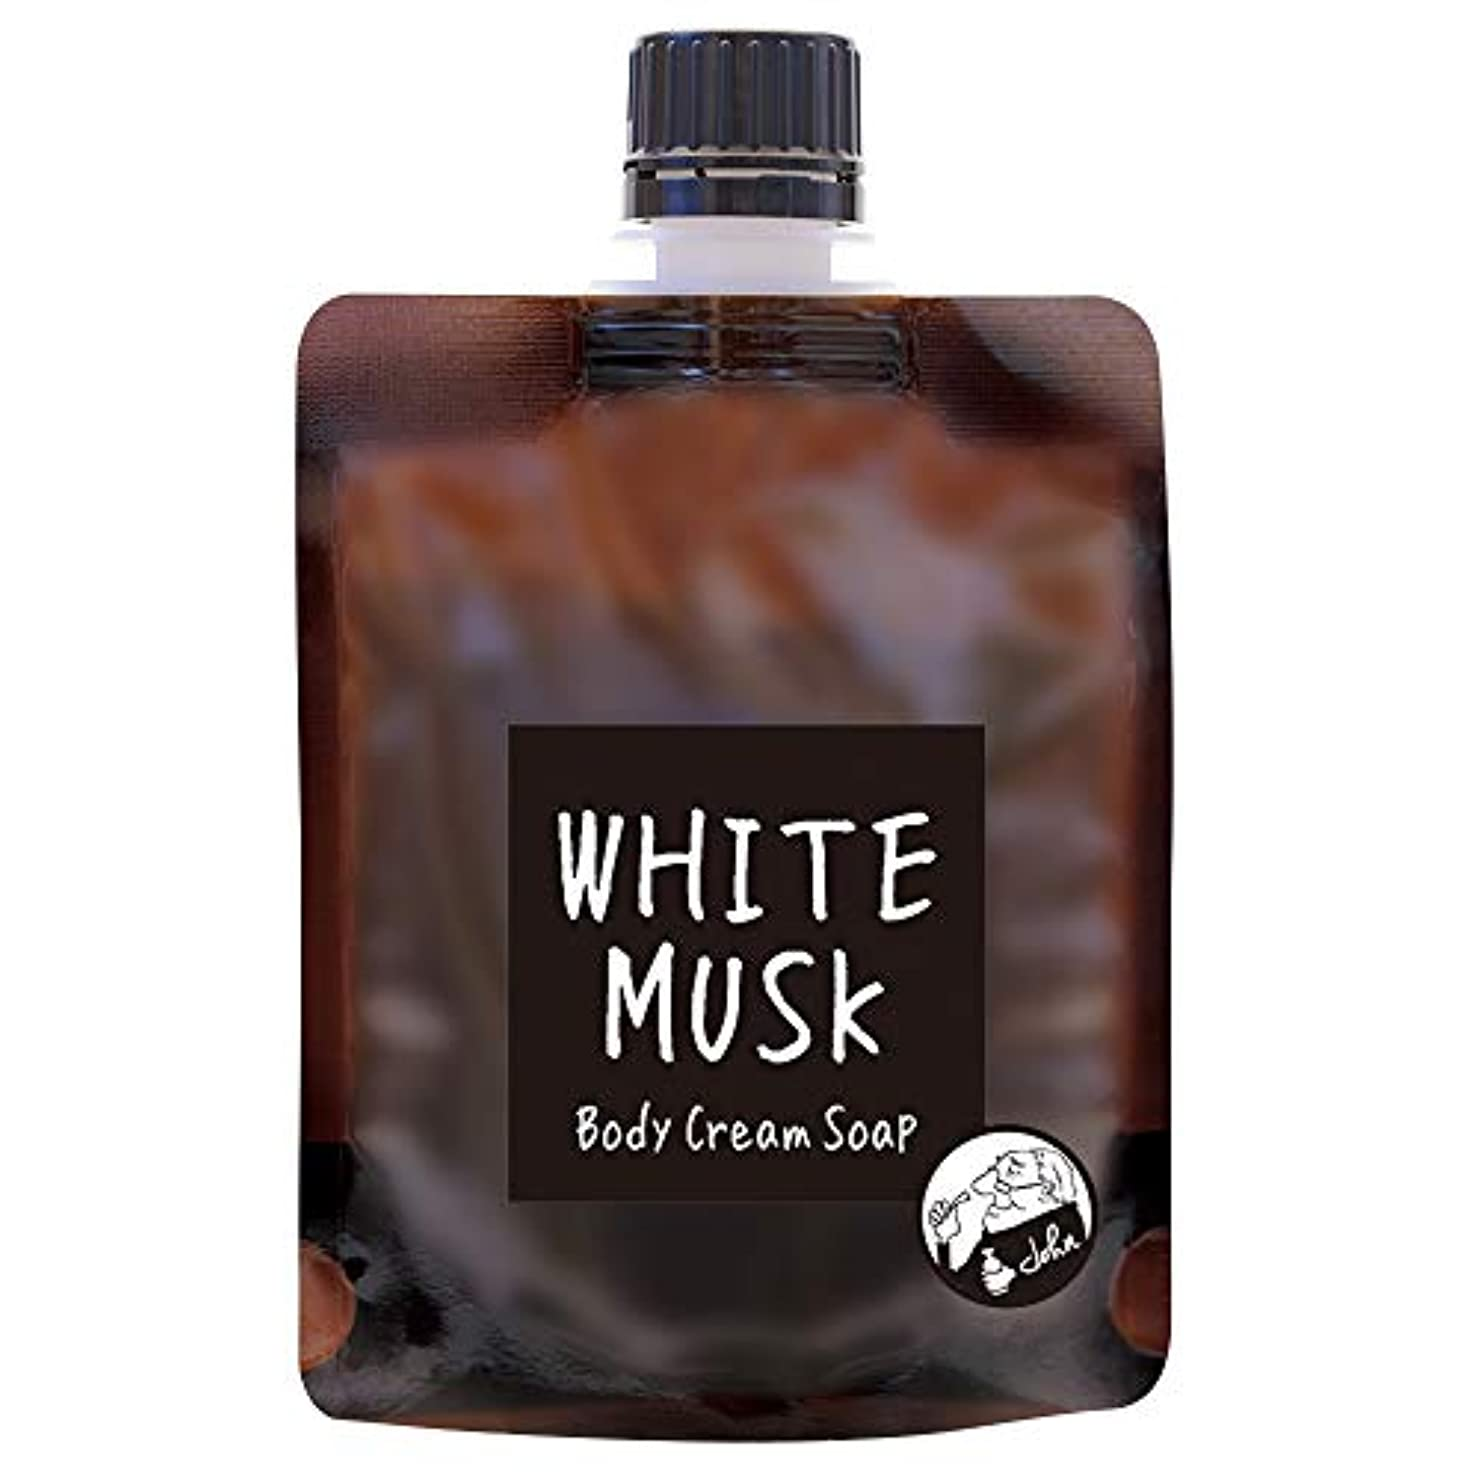 共感する過敏な位置するノルコーポレーション John's Blend ボディクリームソープ 保湿成分配合 OA-JON-19-1 ボディソープ ホワイトムスクの香り 100g